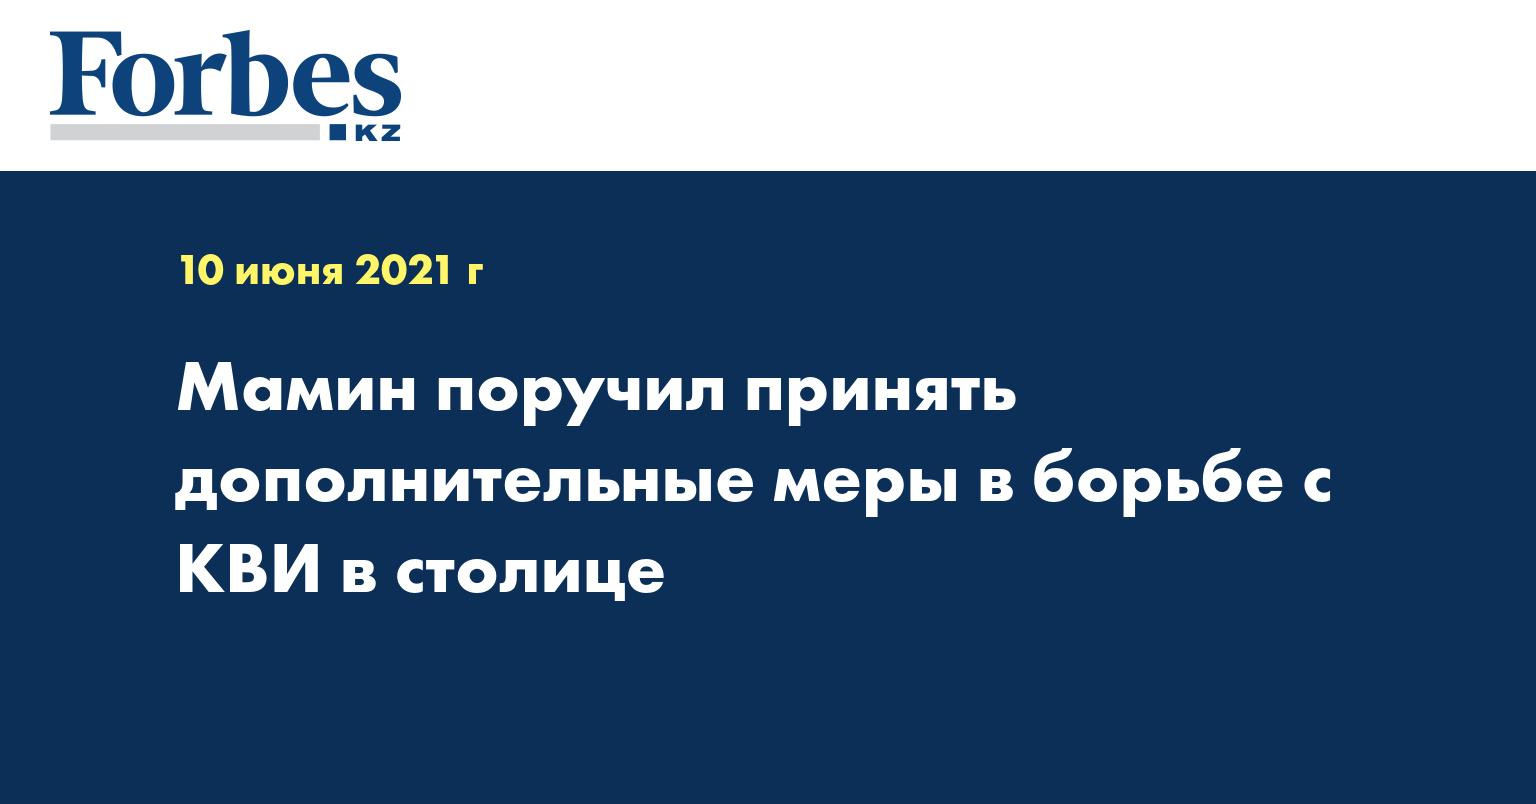 Мамин поручил принять дополнительные меры в борьбе с КВИ в столице